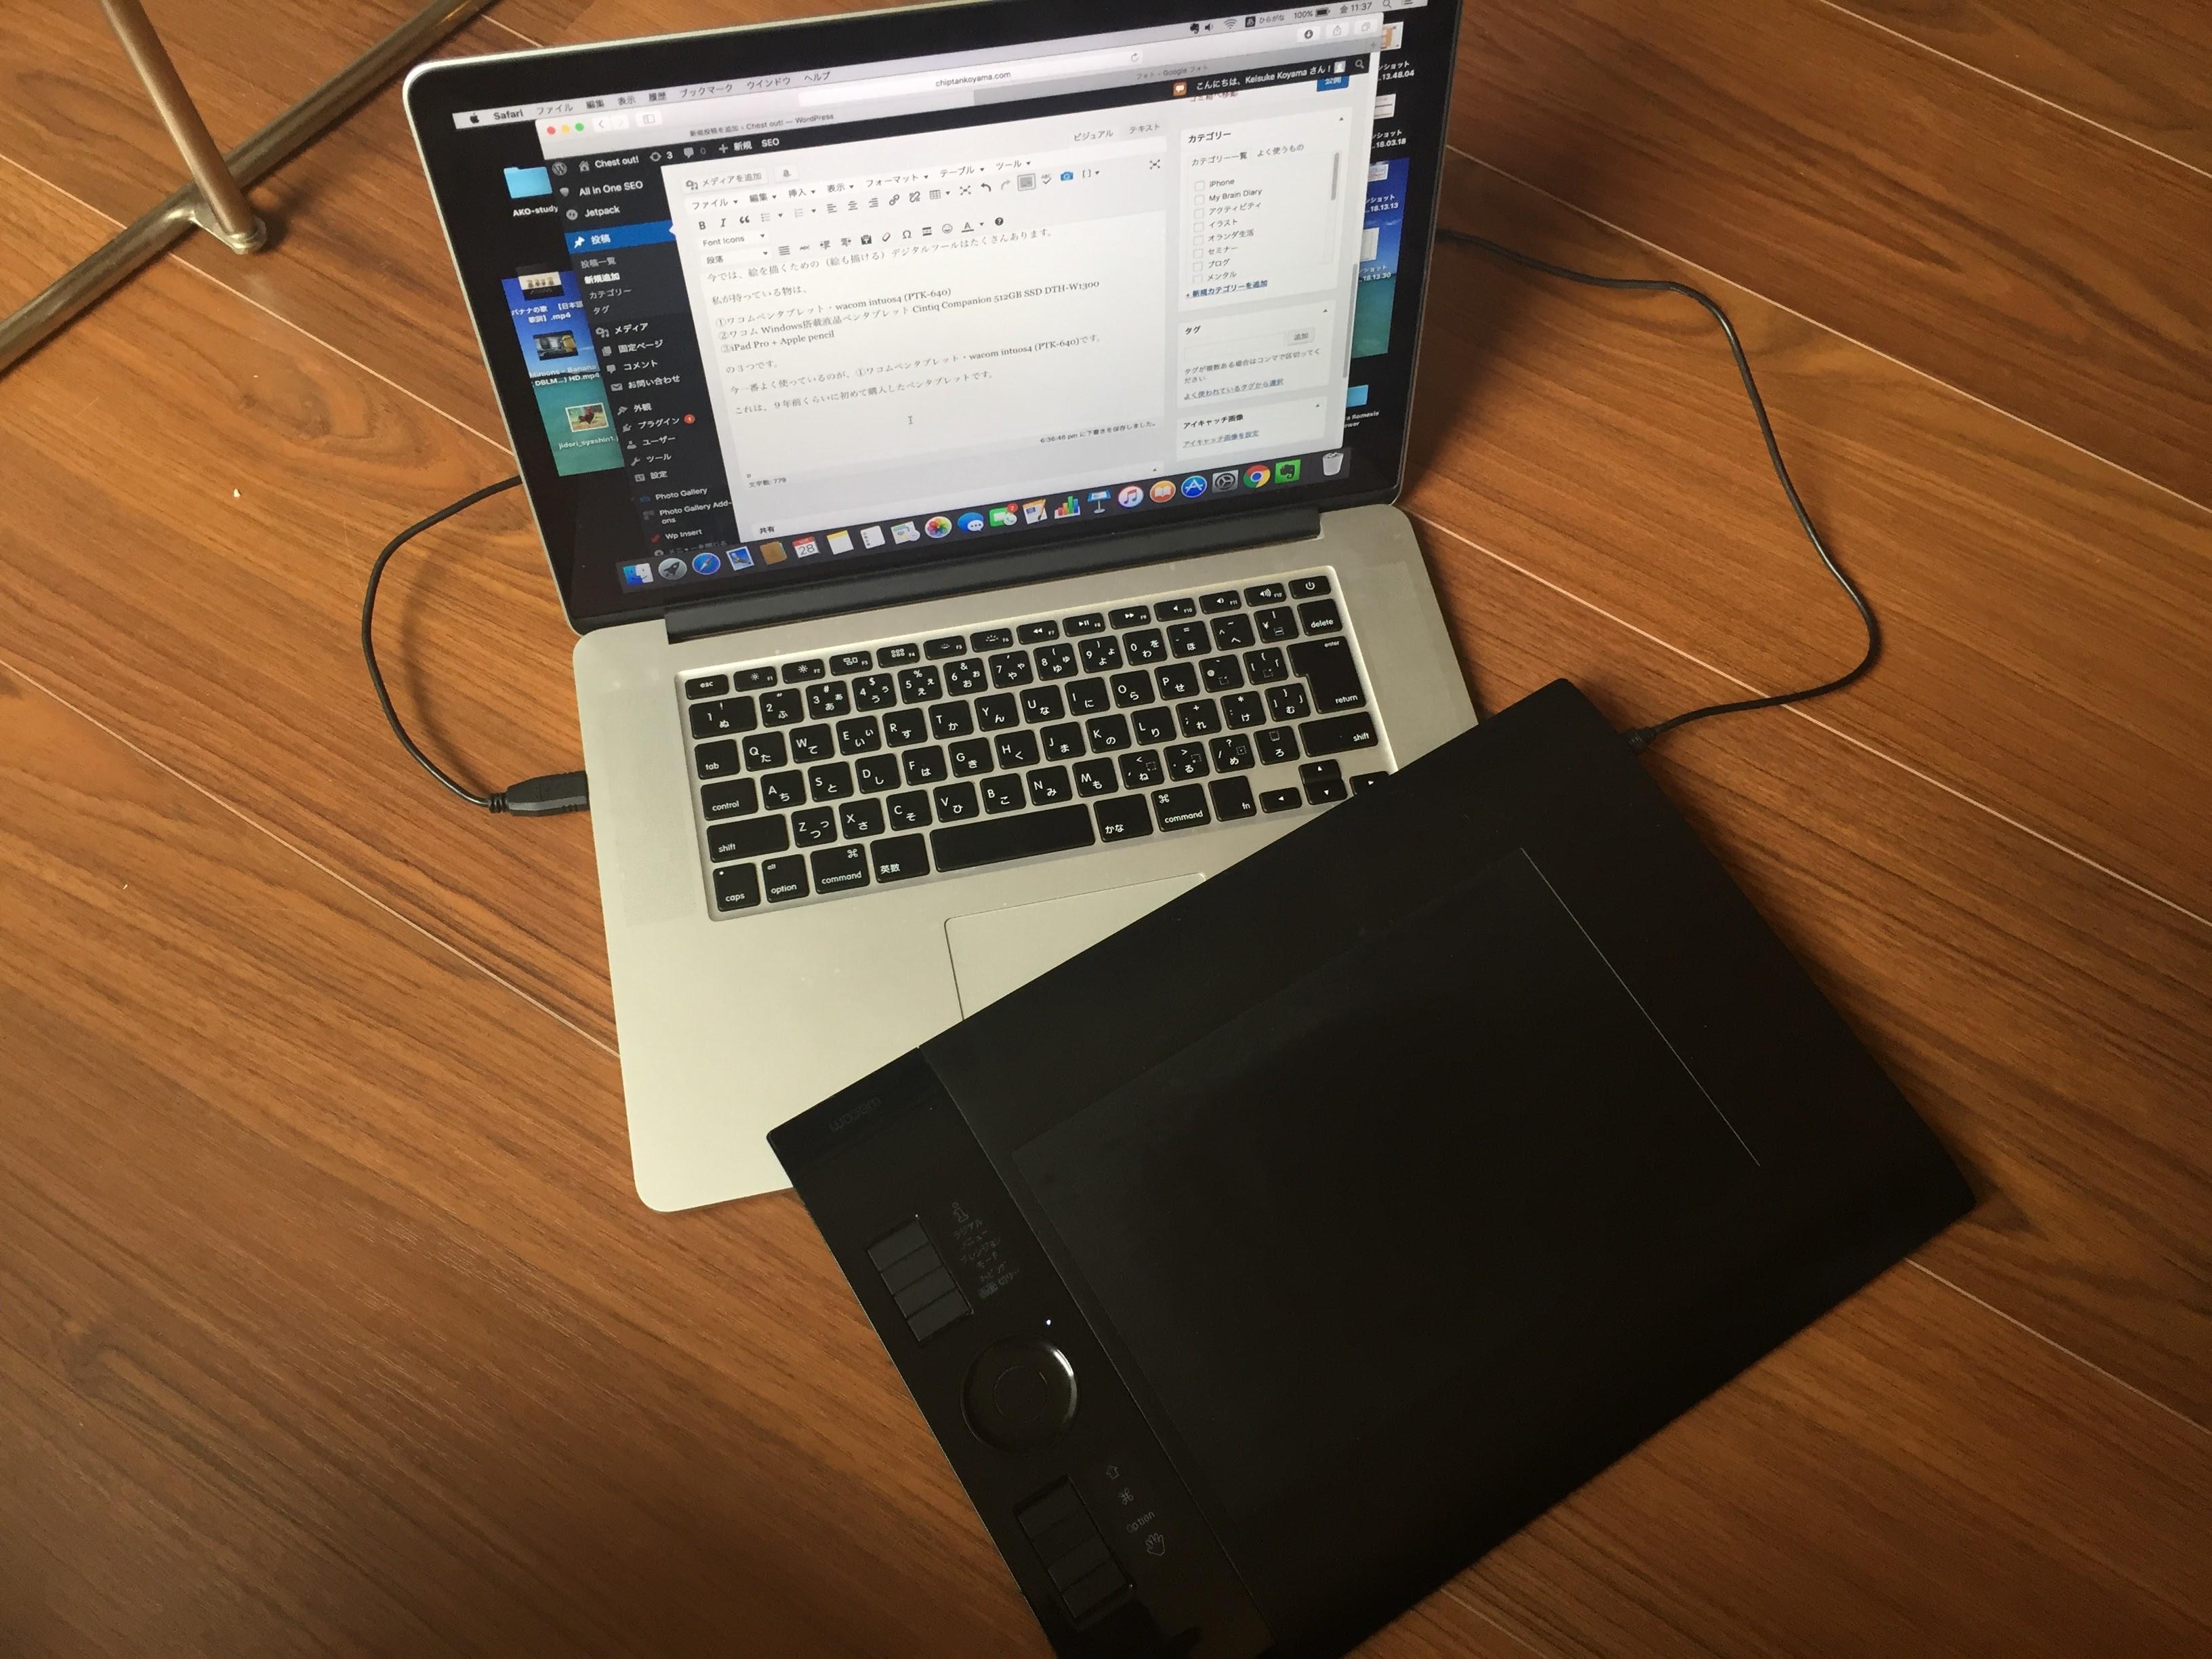 黒いボードがタブレットです。